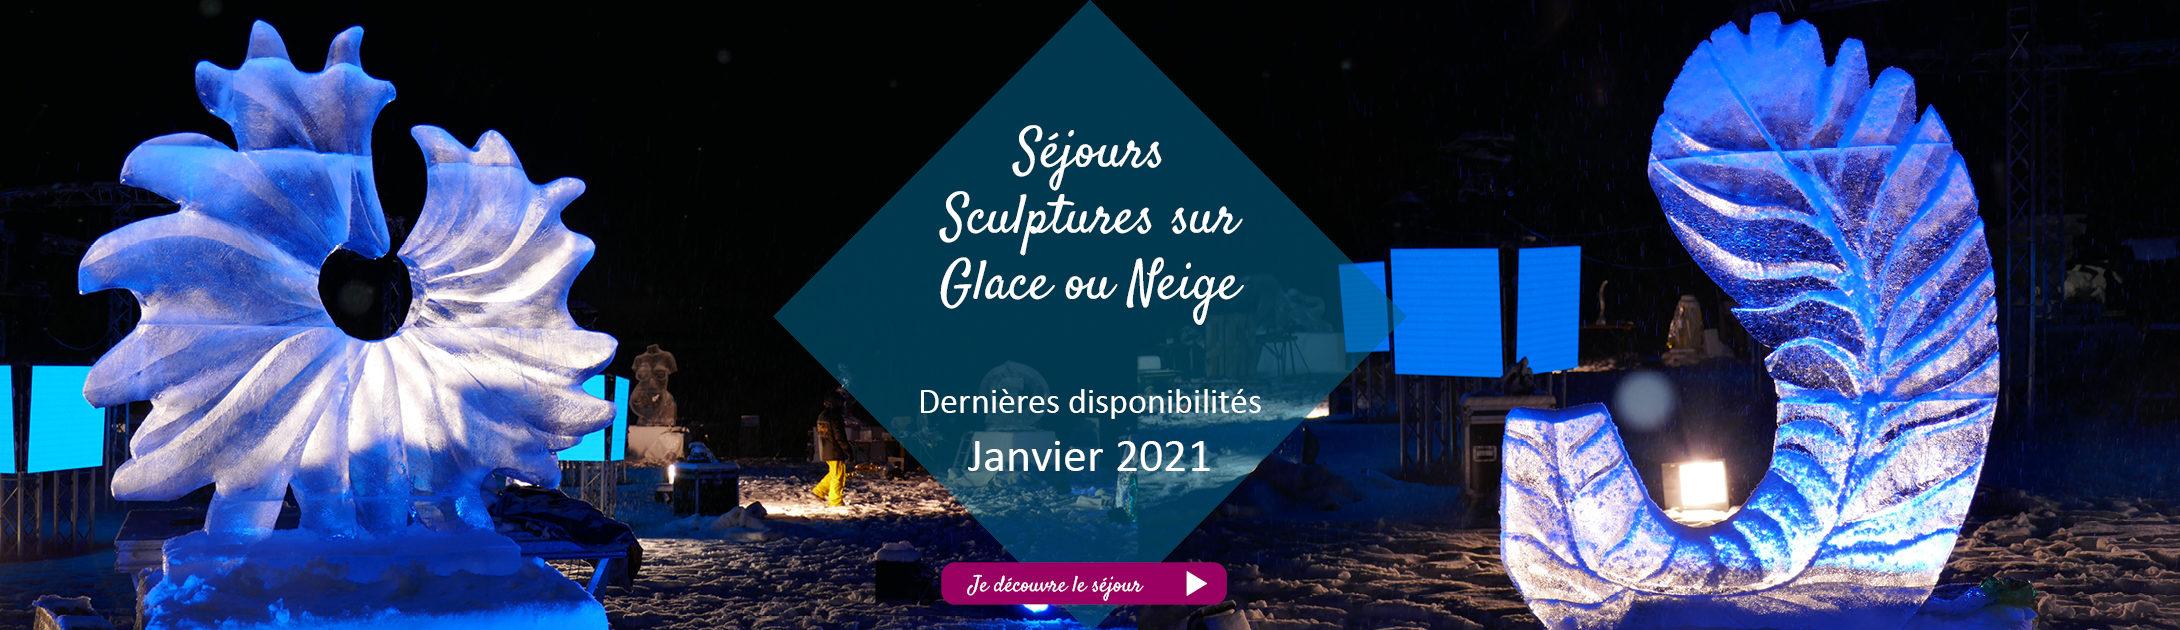 Bandeau sculpture sur glace ou neige janvier 2021